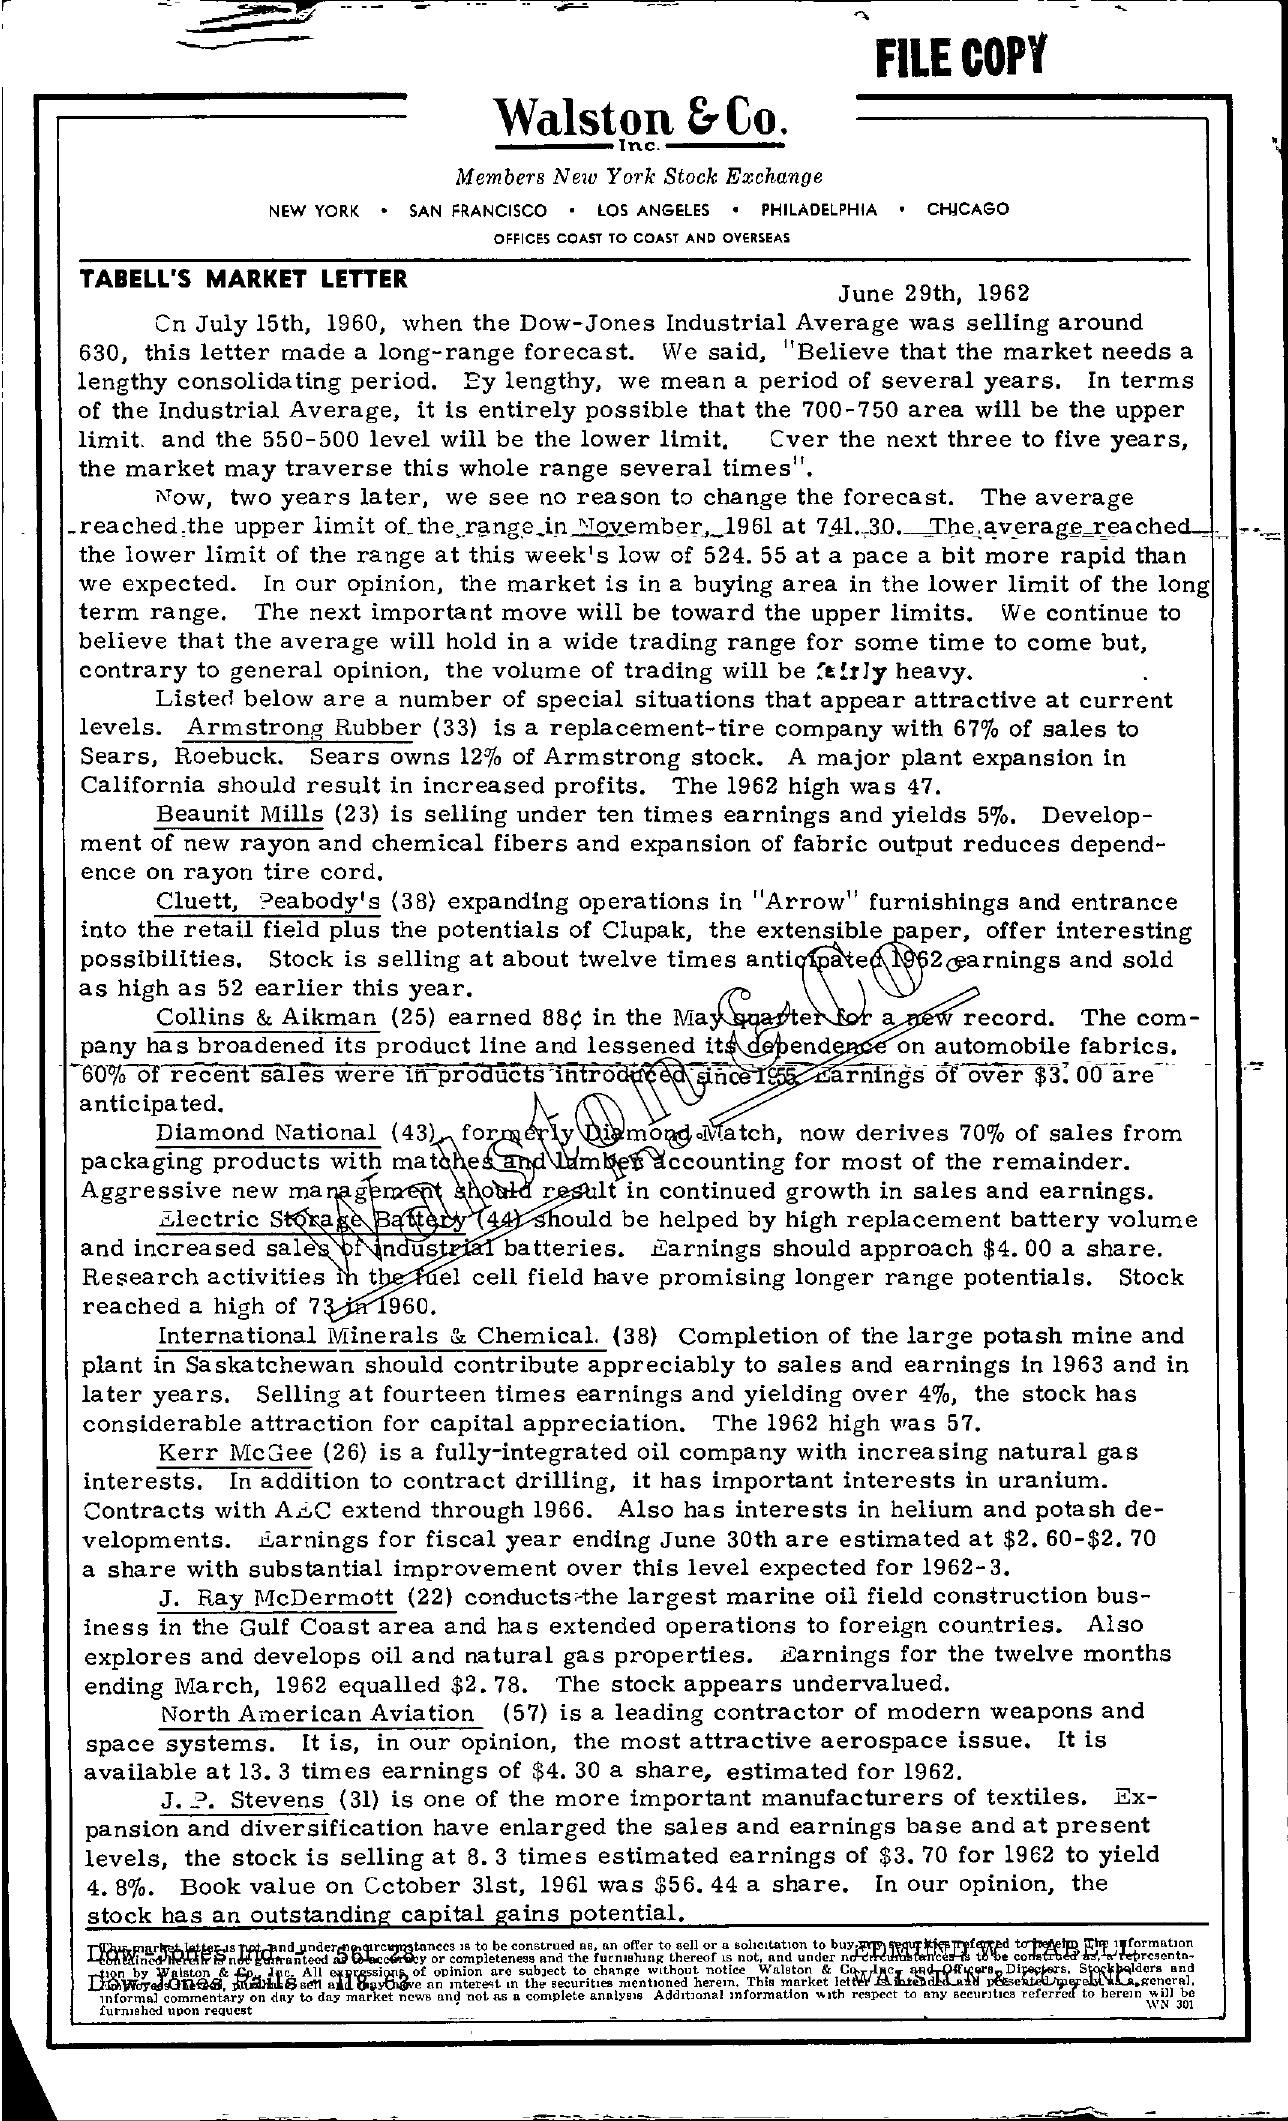 Tabell's Market Letter - June 29, 1962